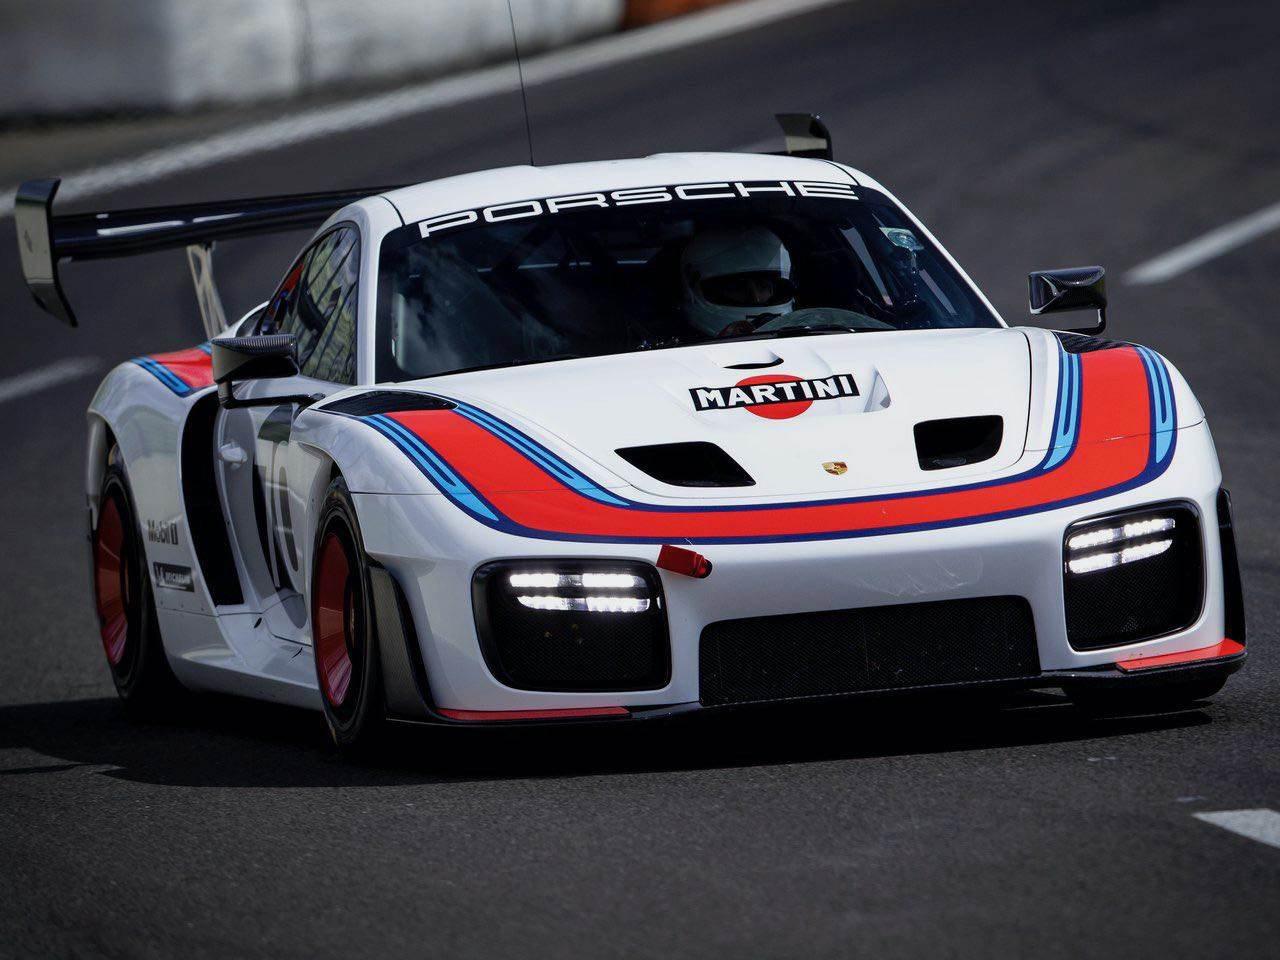 Porsche-935-Martini-Edition-0